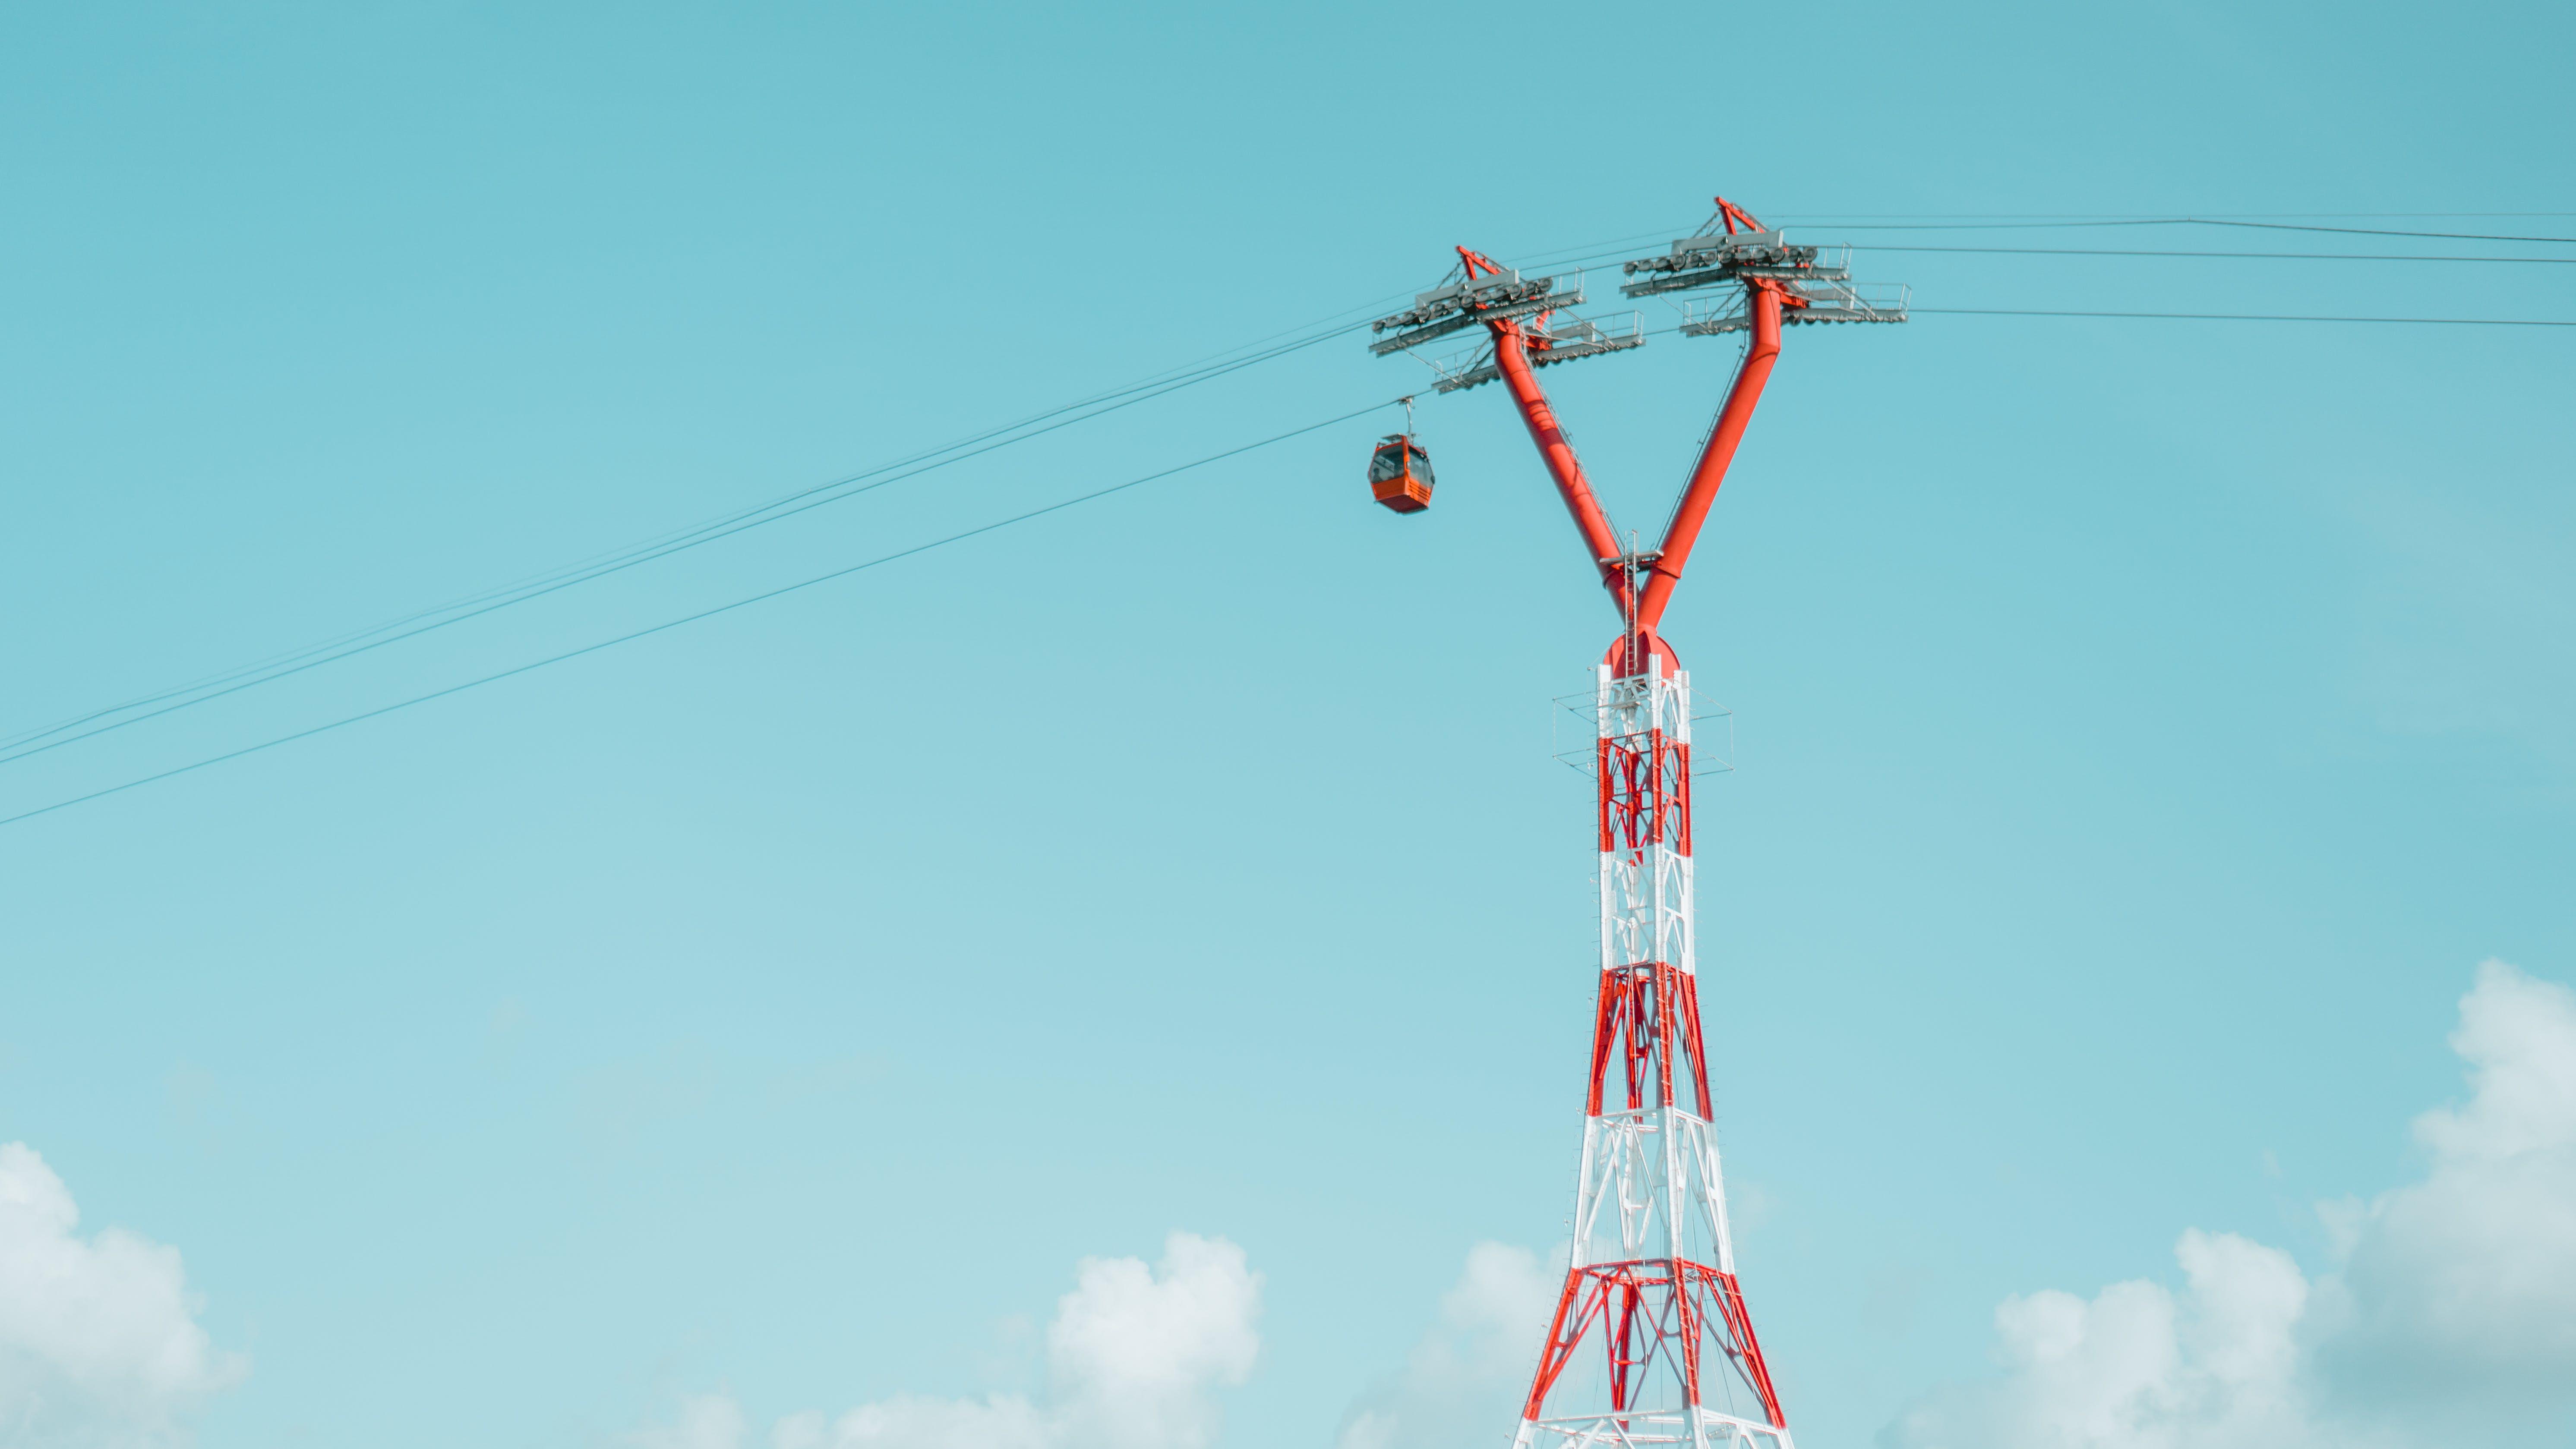 aufnahme von unten, ausrüstung, blauer himmel